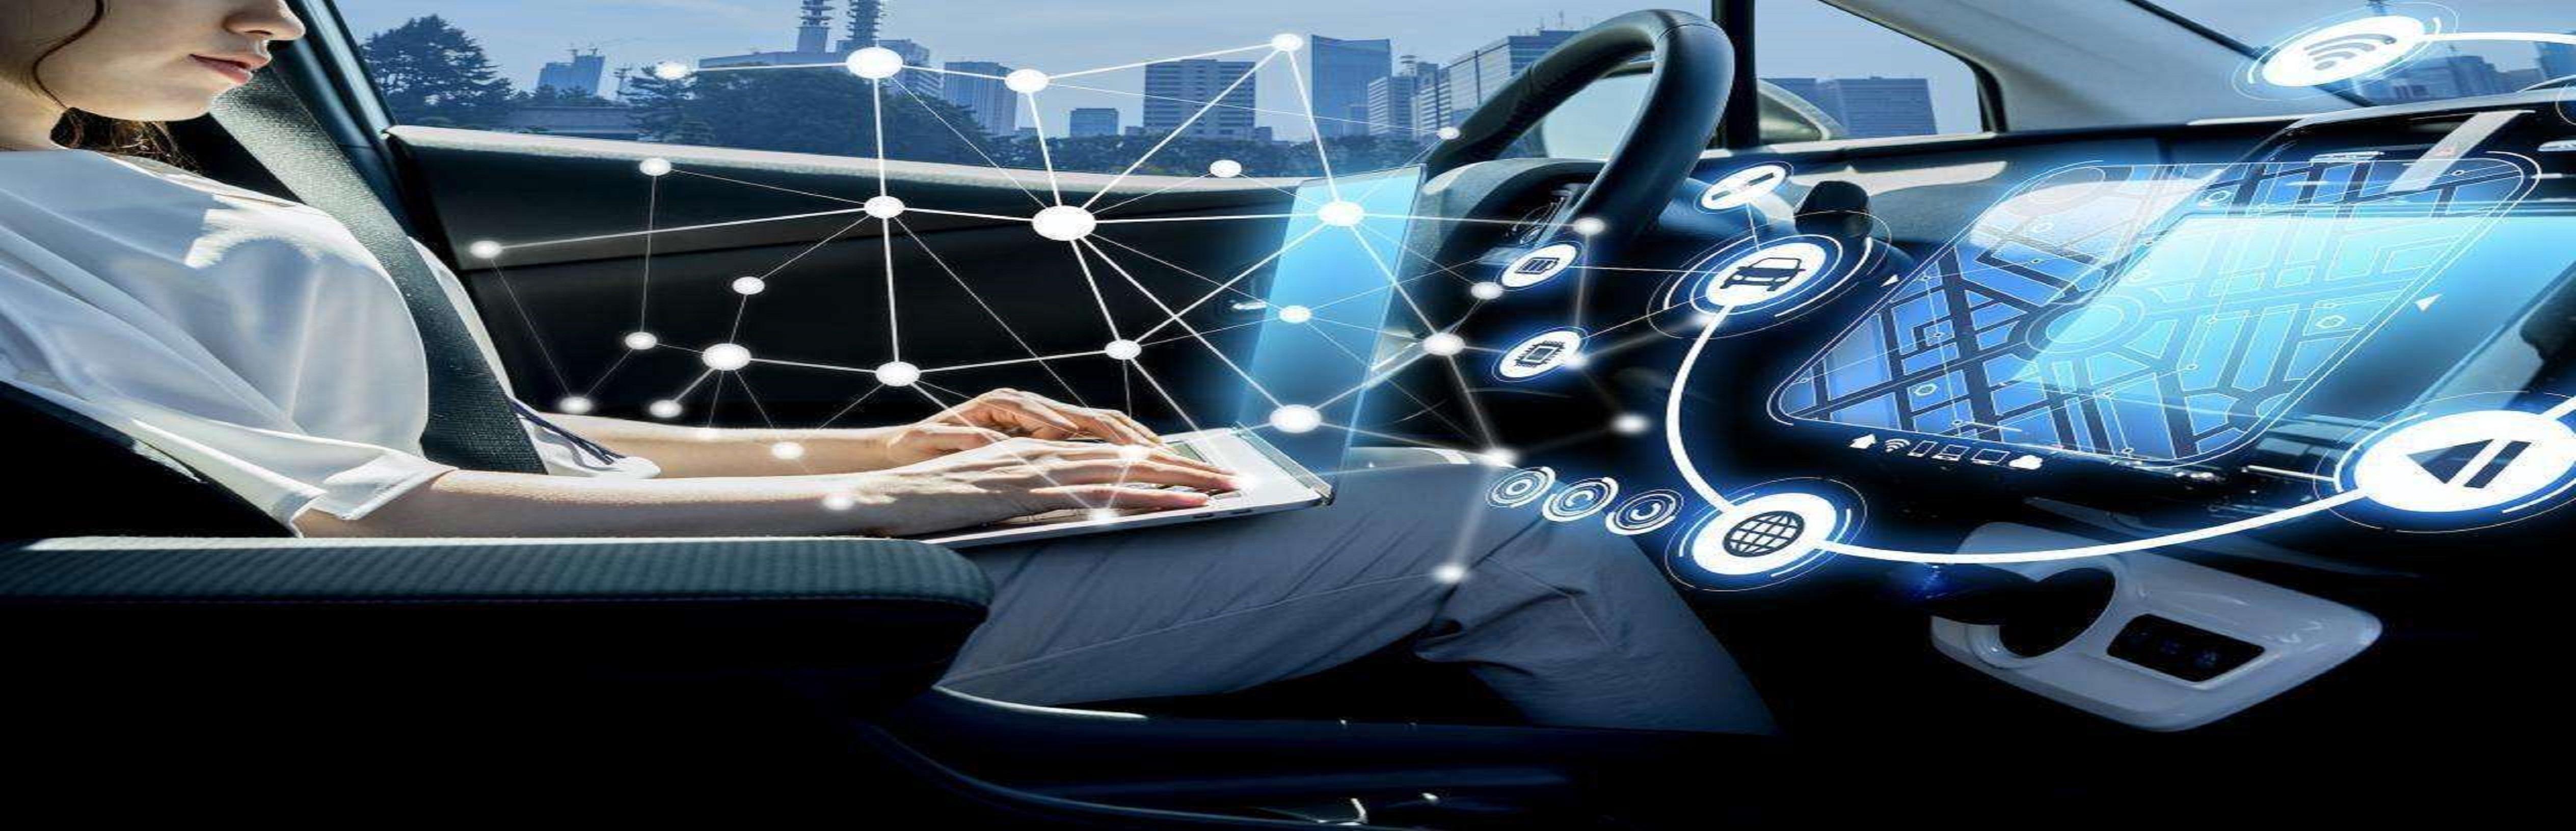 自动驾驶 离现实到底还有多远